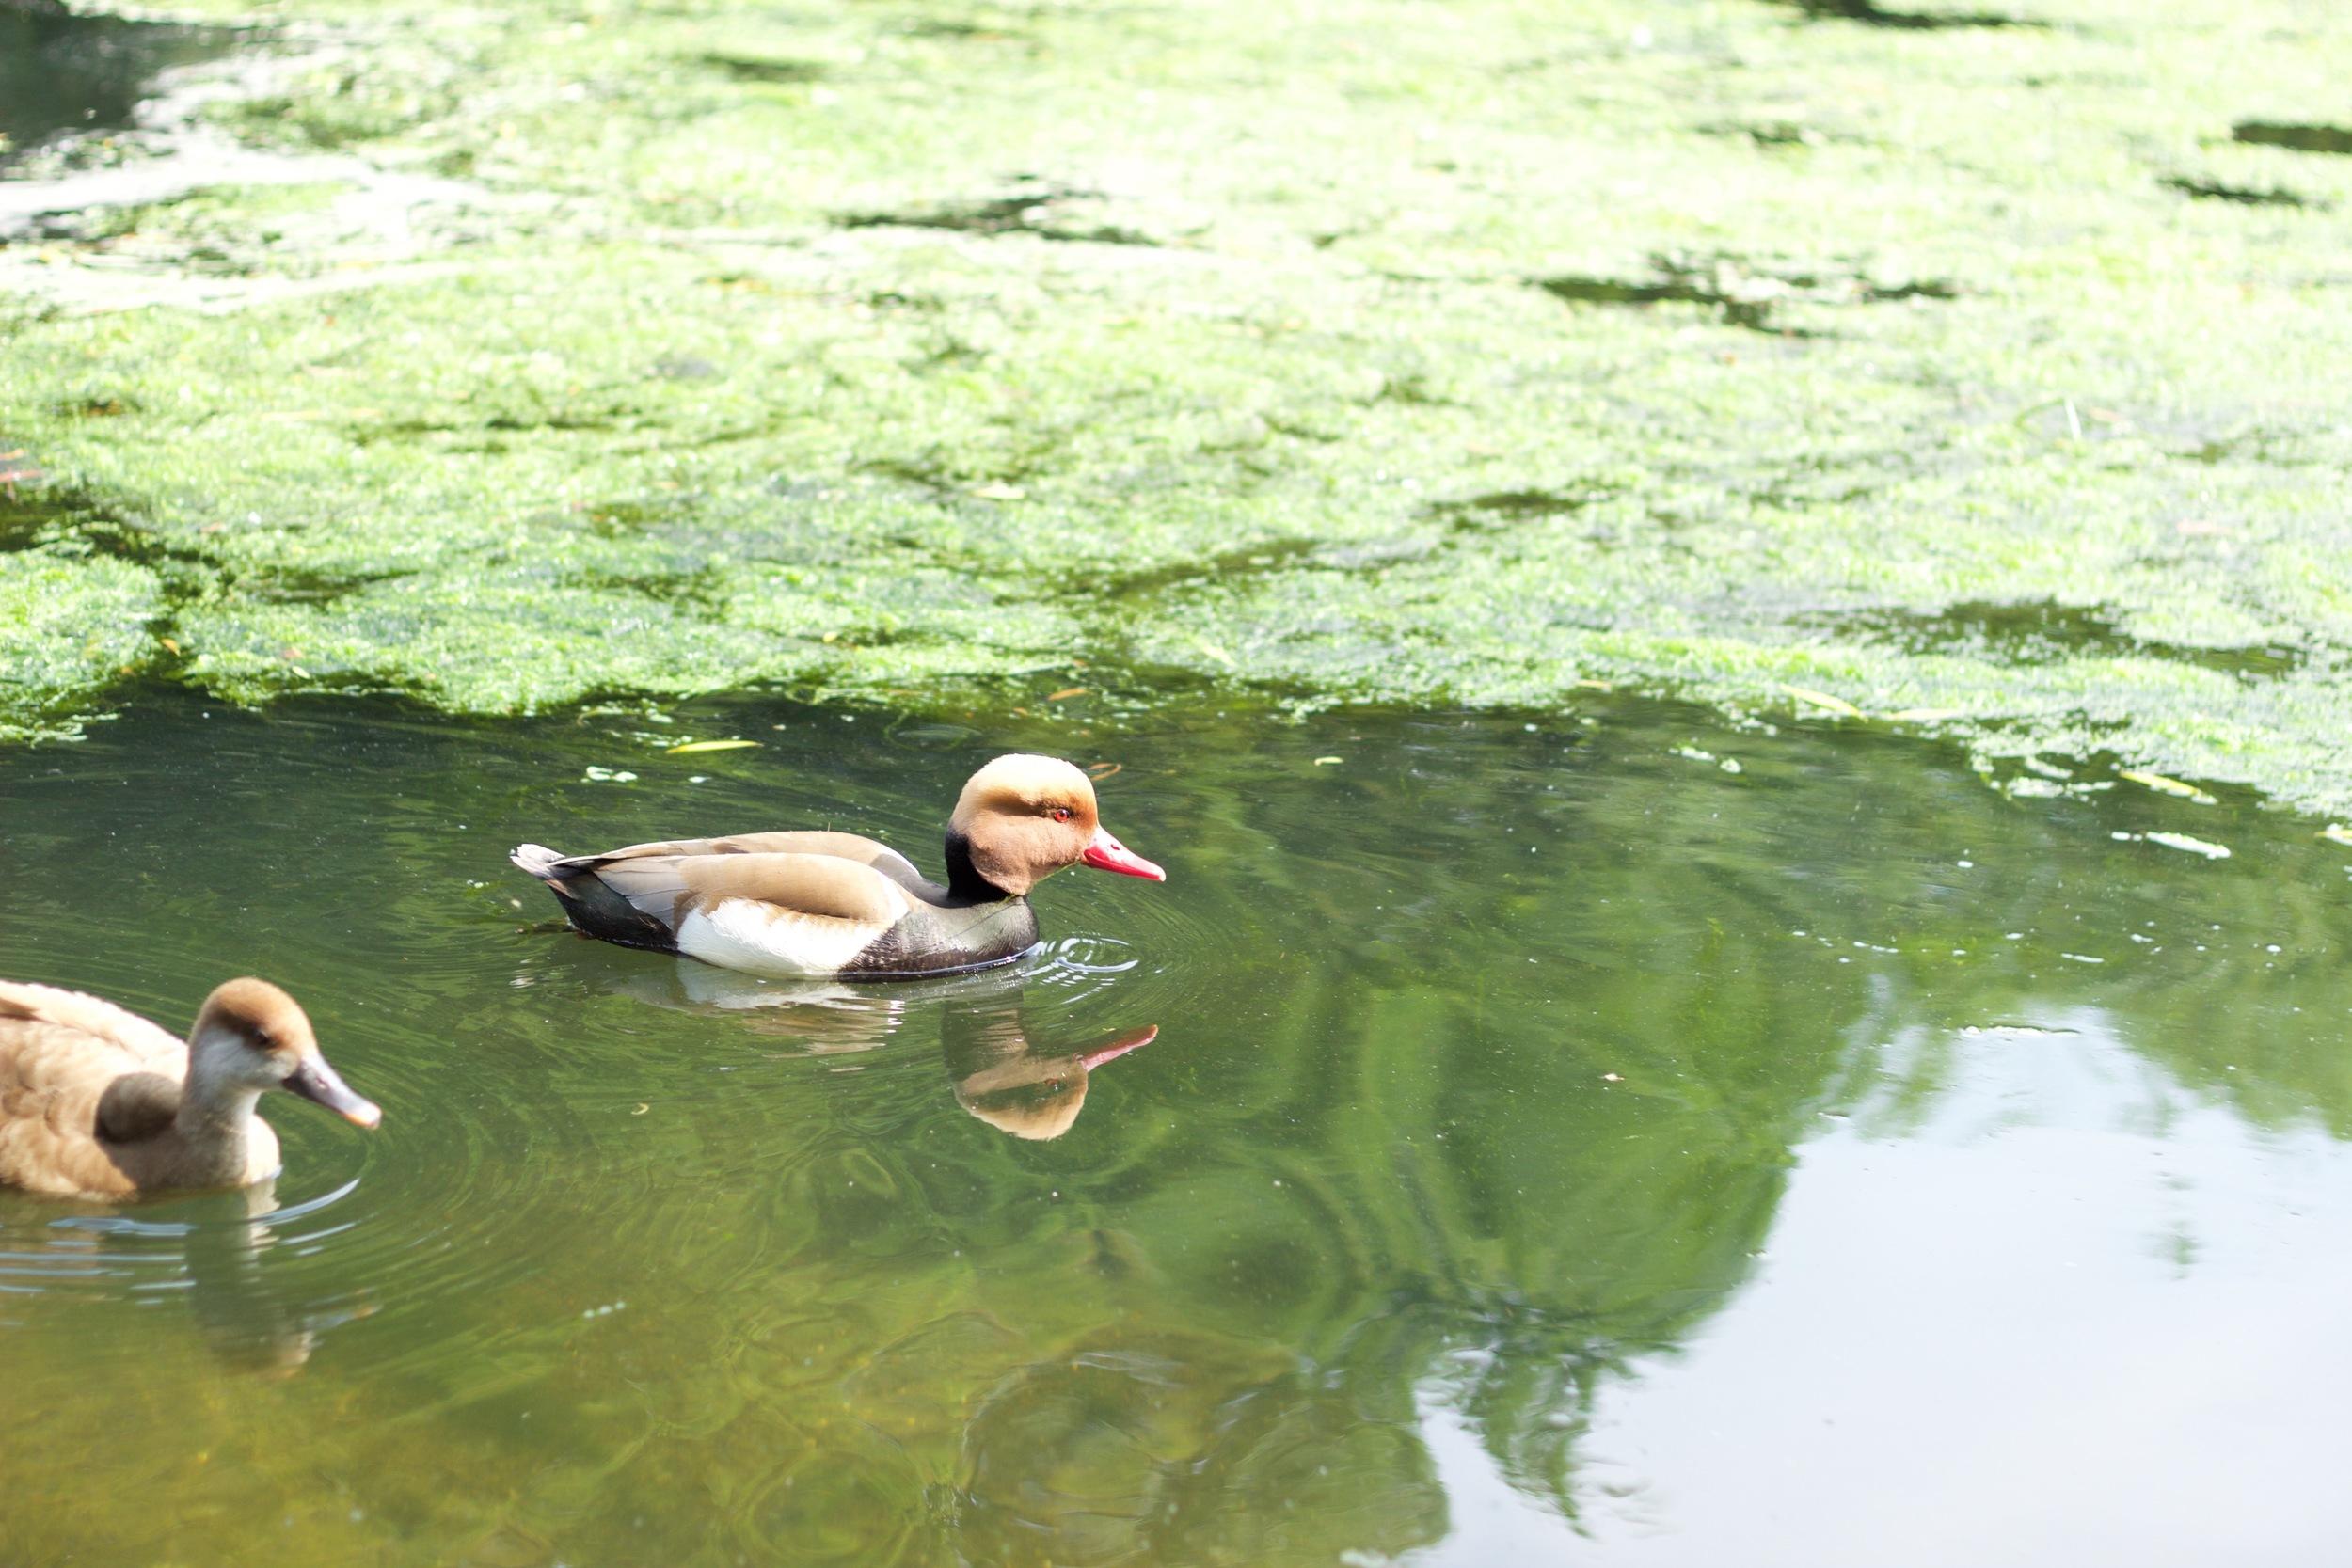 ducks st james park london